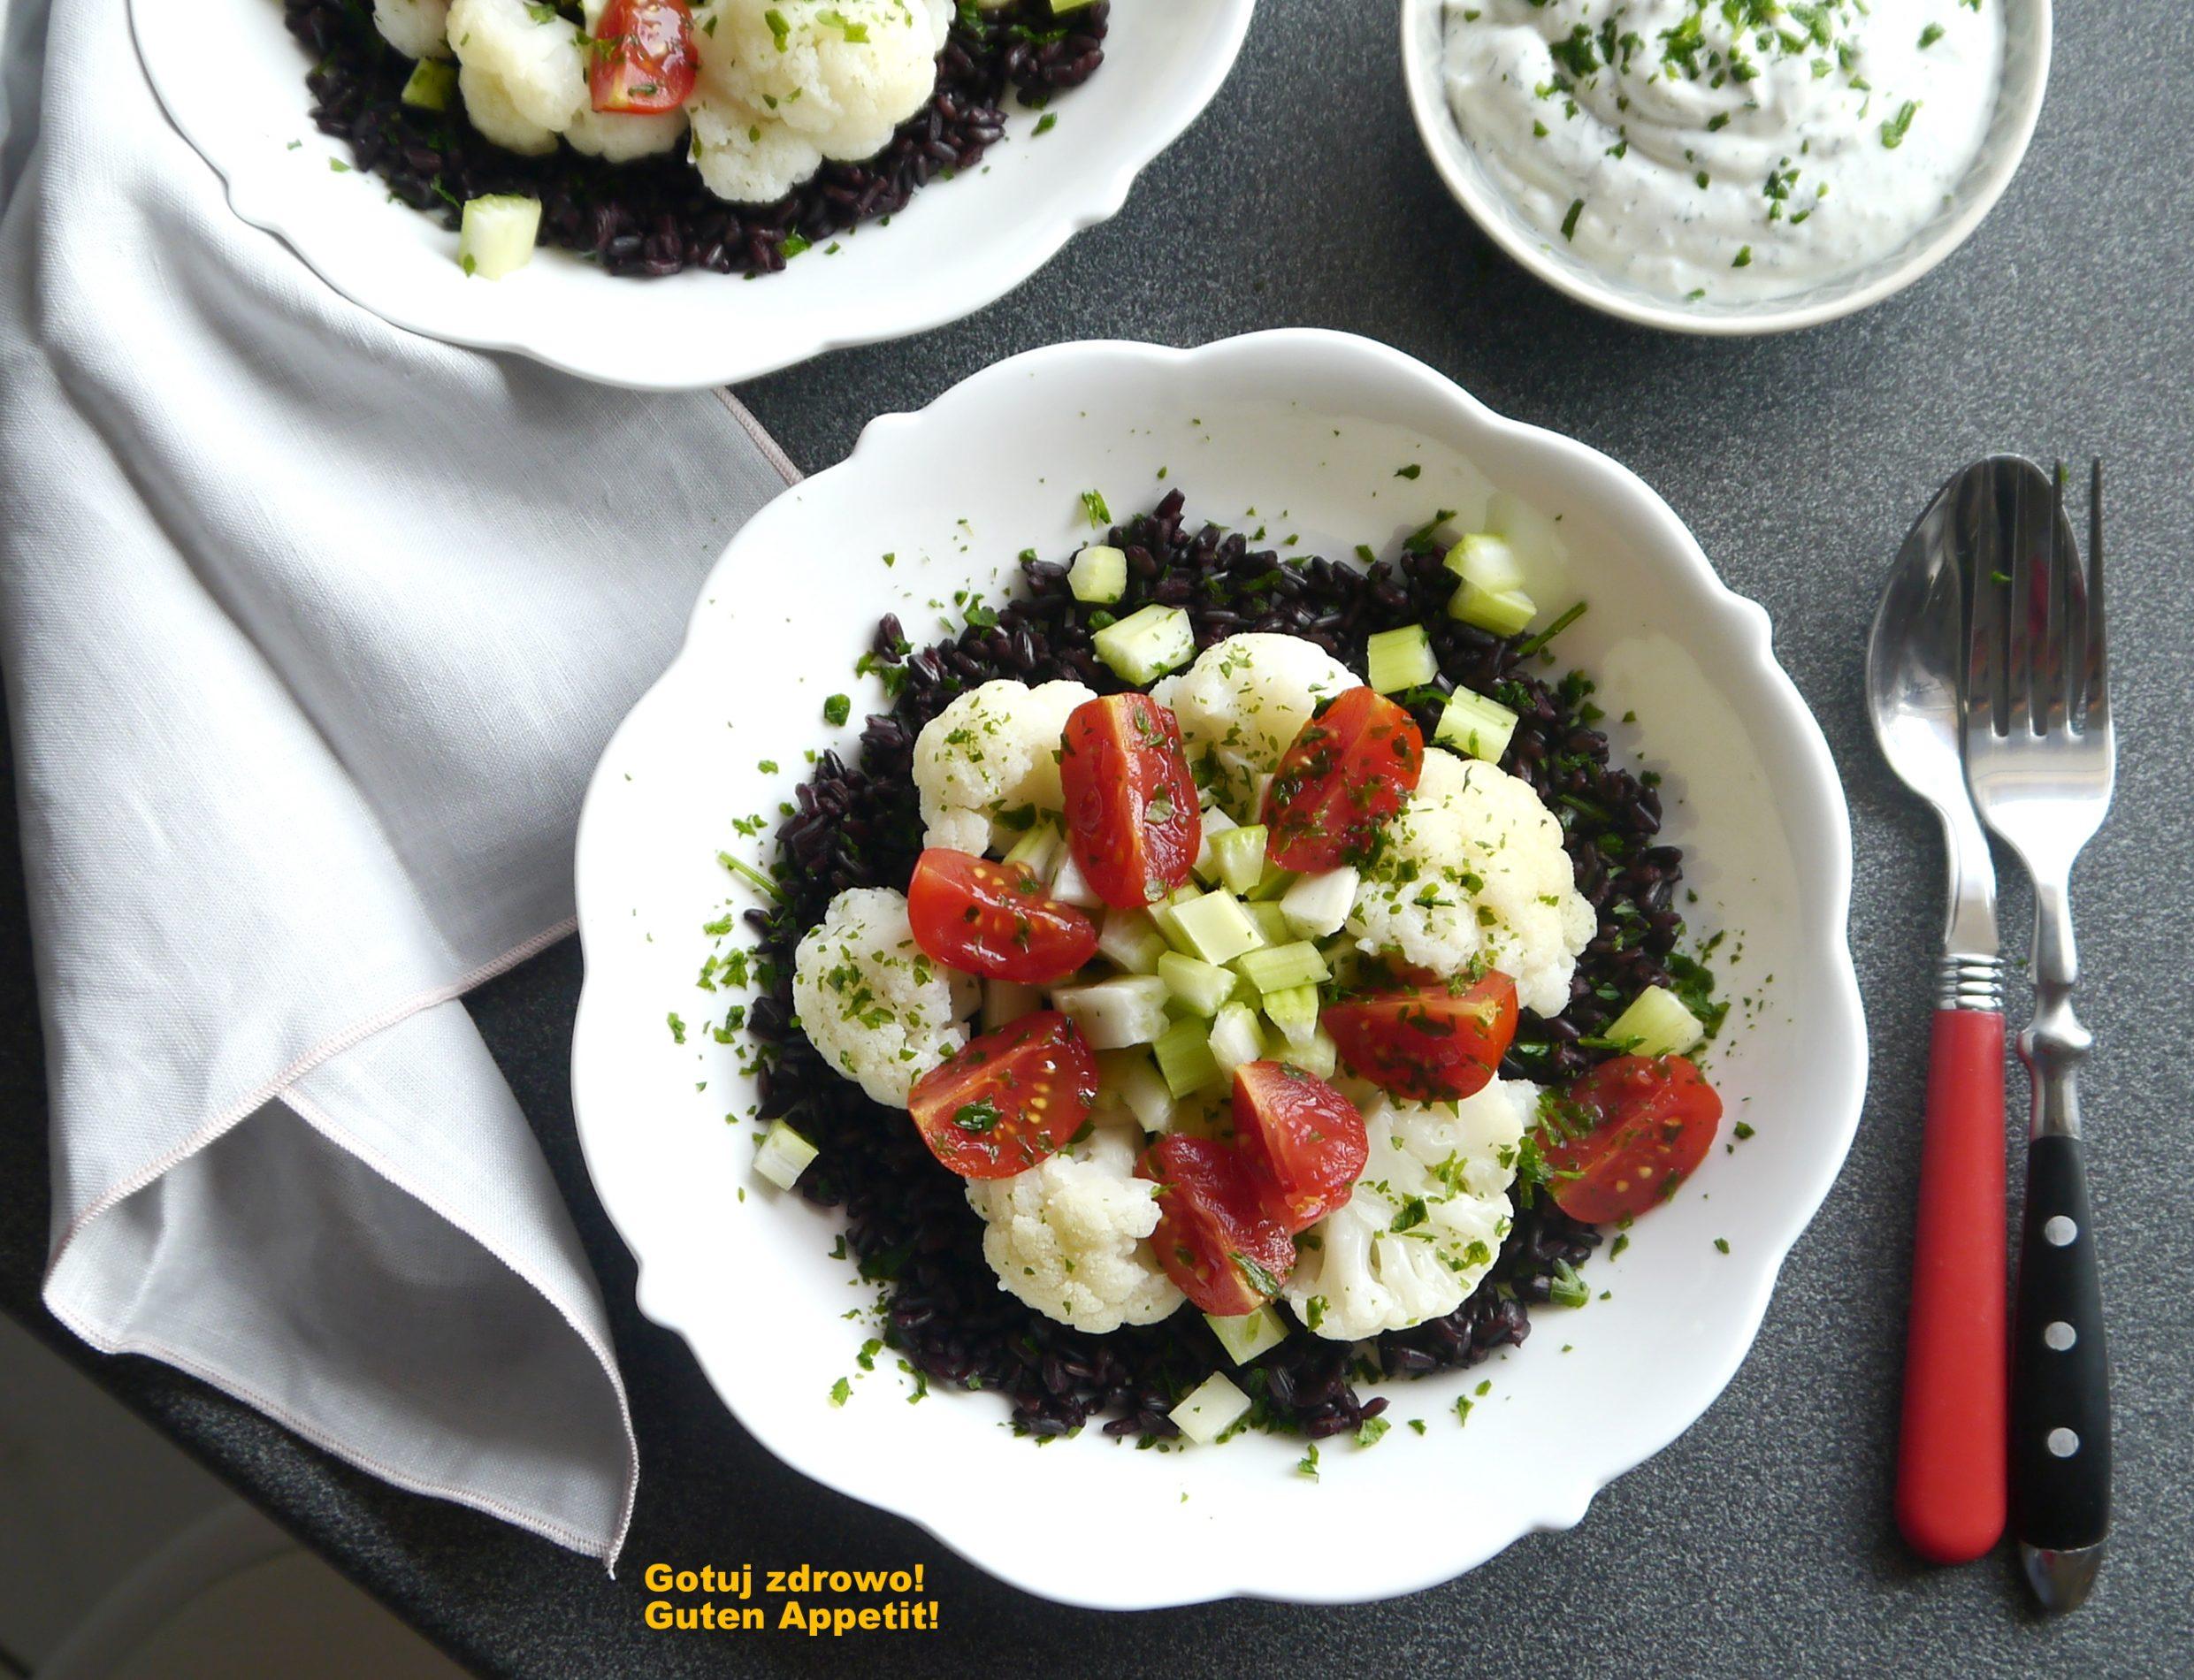 Czarny ryż z piemontu i prosta sałatka z kalafiorem